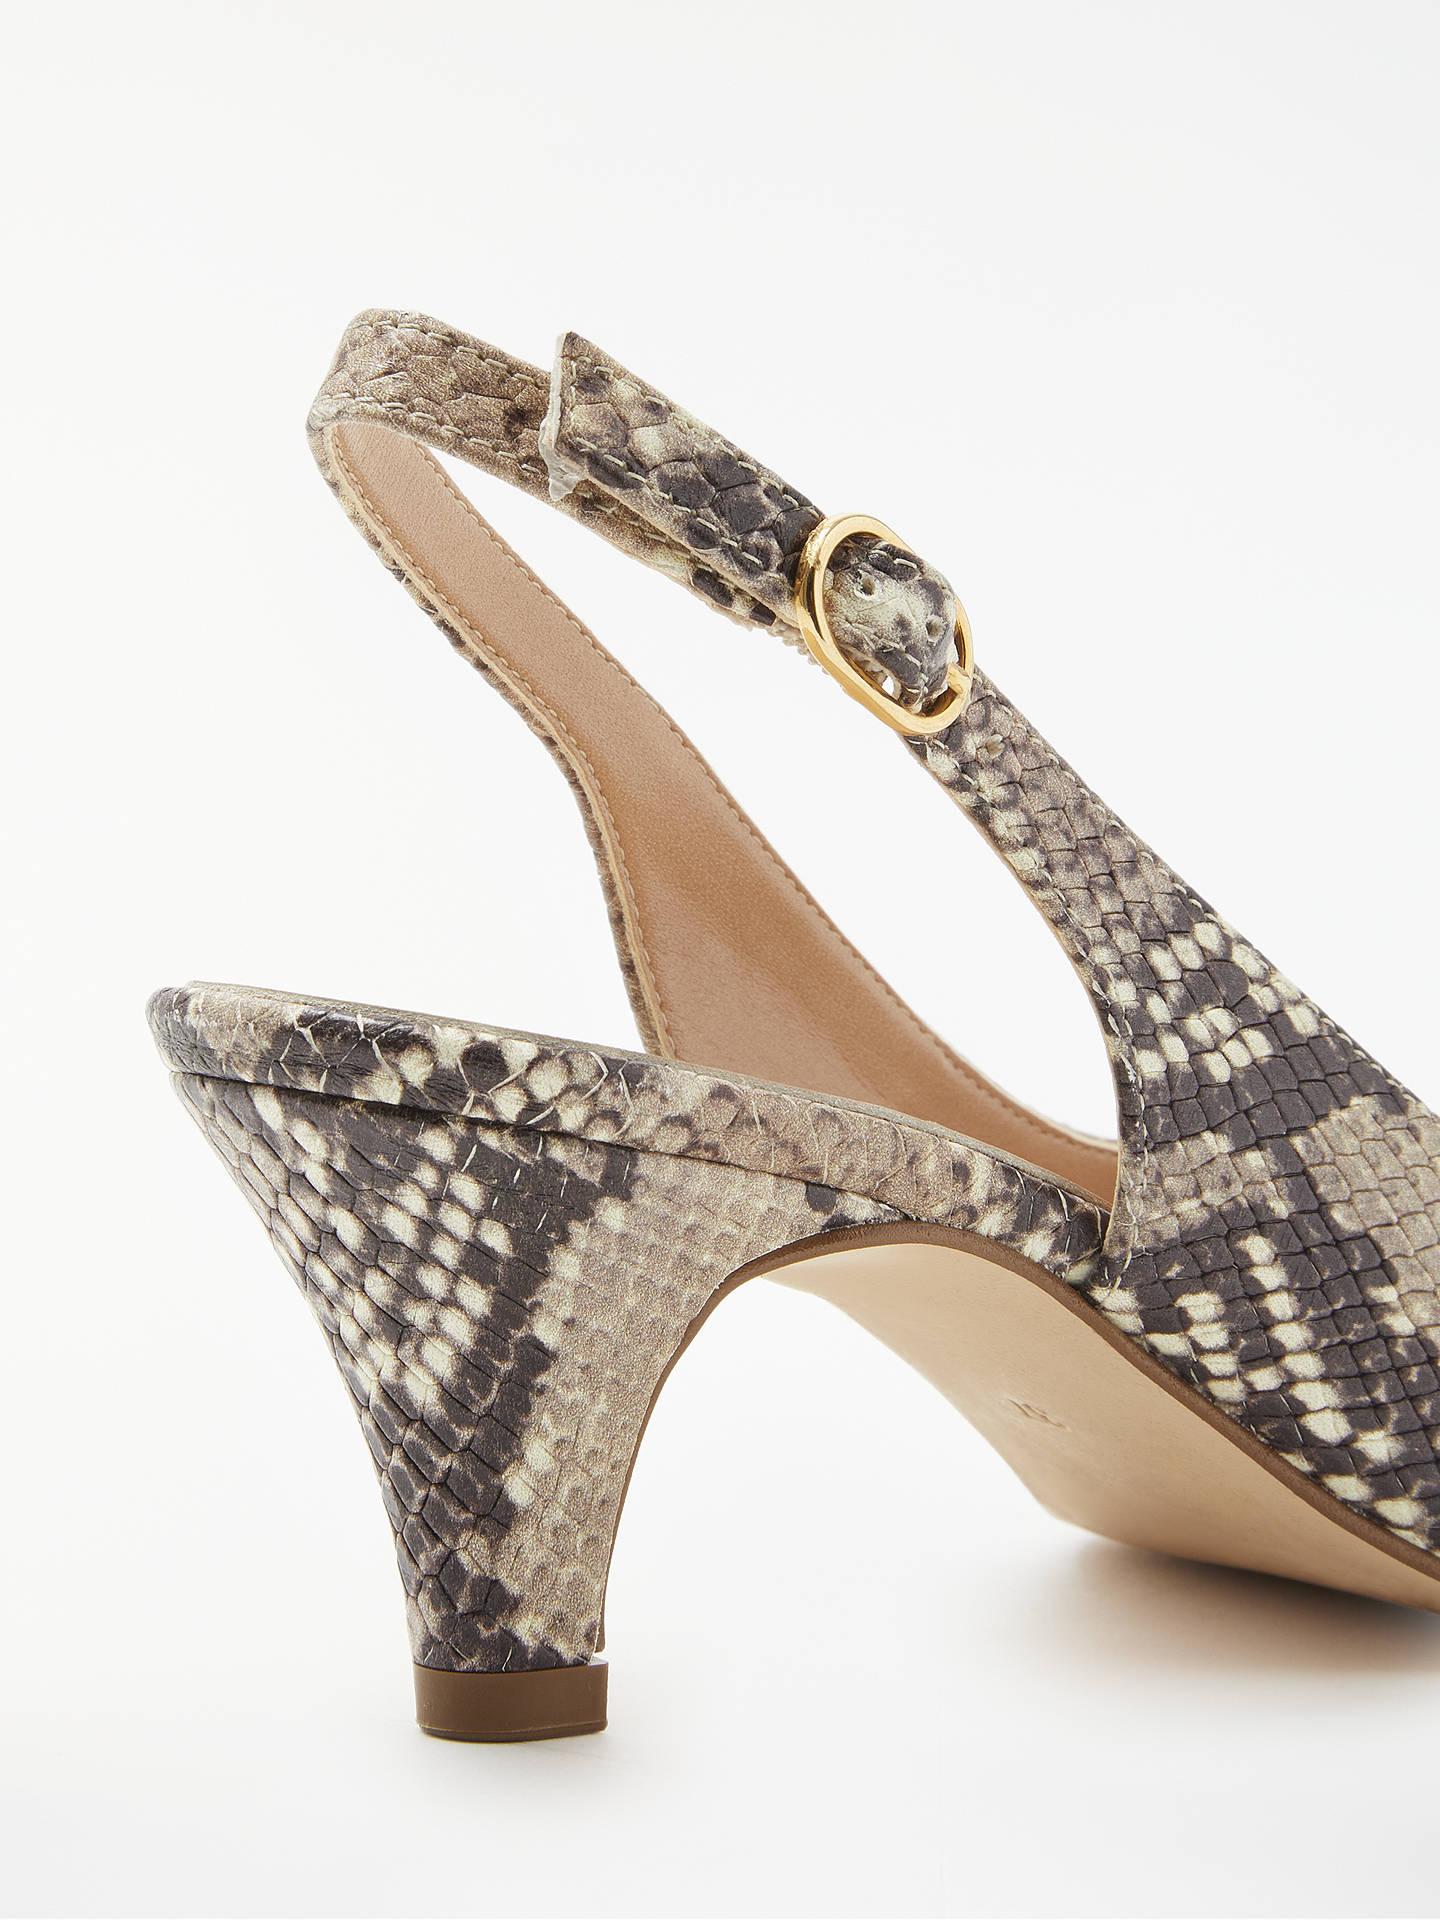 993ed19540a6 ... Buy John Lewis   Partners Grace Kitten Heel Court Shoes